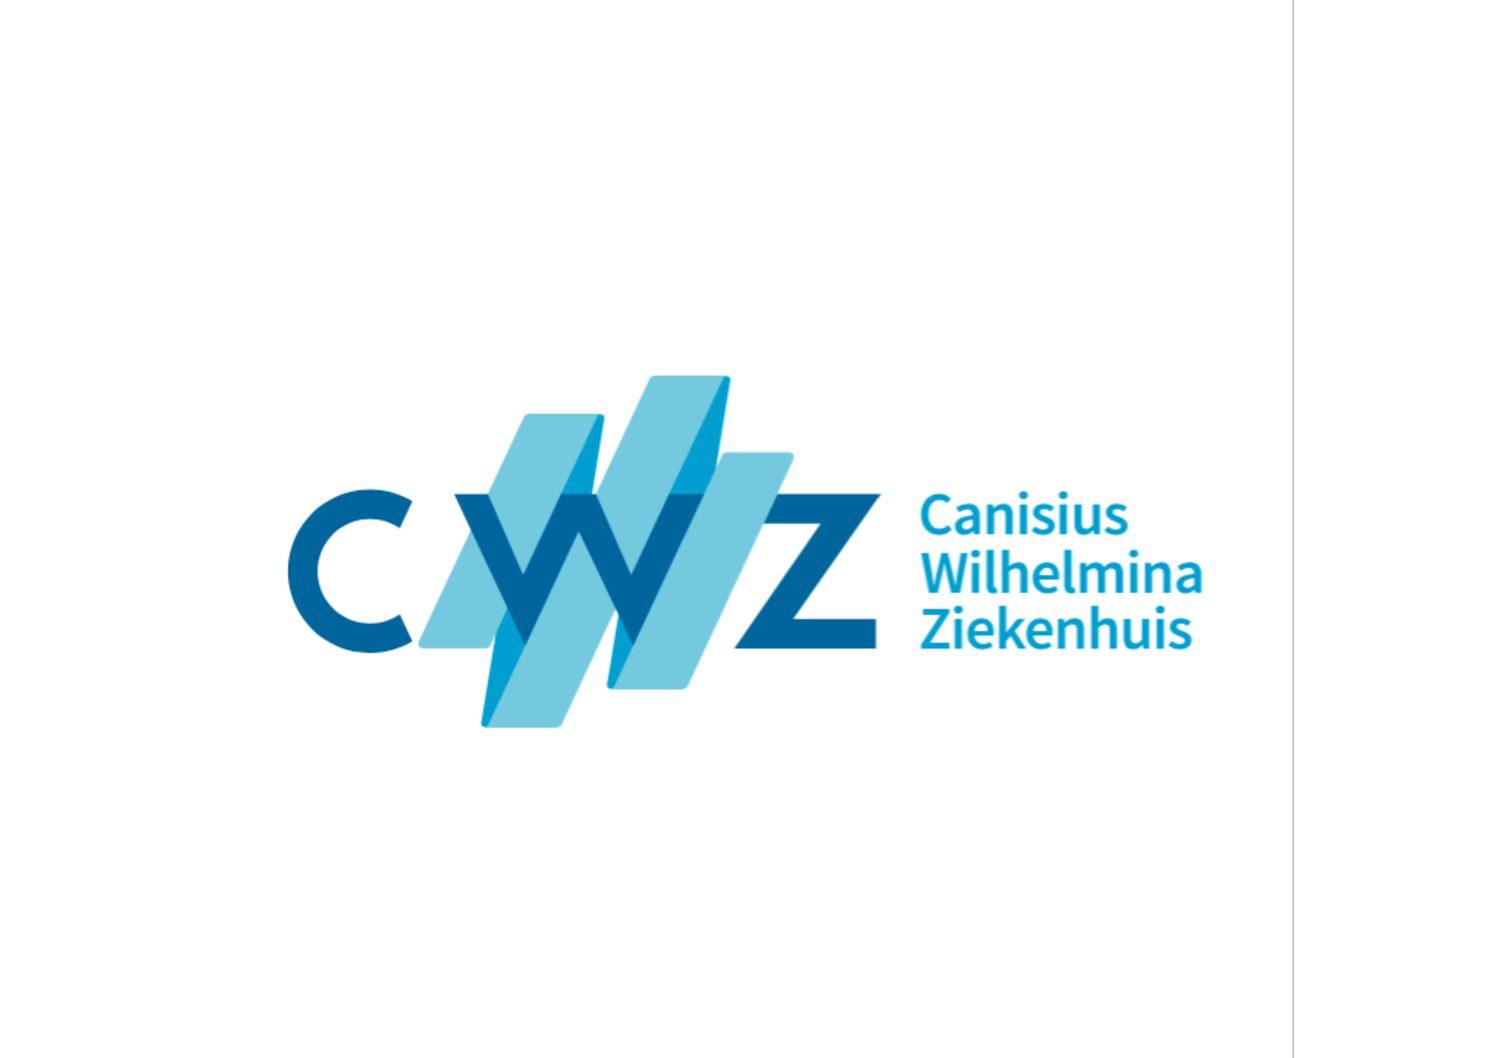 Logo van CWZ Canisius Wilhelmina Ziekenhuis in Nijmegen.